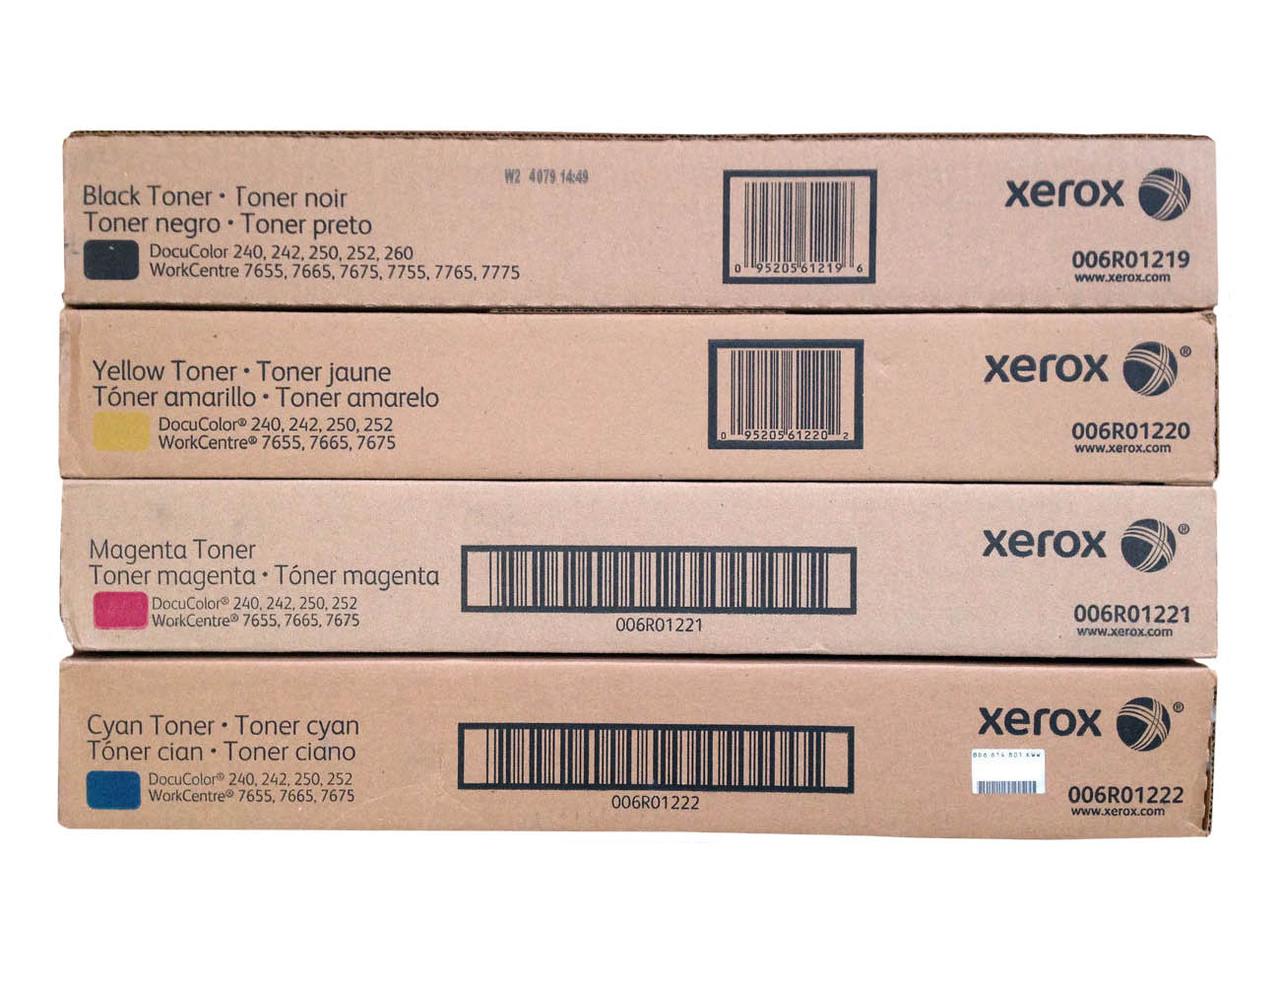 Original Xerox DocuColor 240 Black Cyan Magenta Yellow Toner Cartridge 4-Pack 006R01219 006R01220 006R01221 006R01222